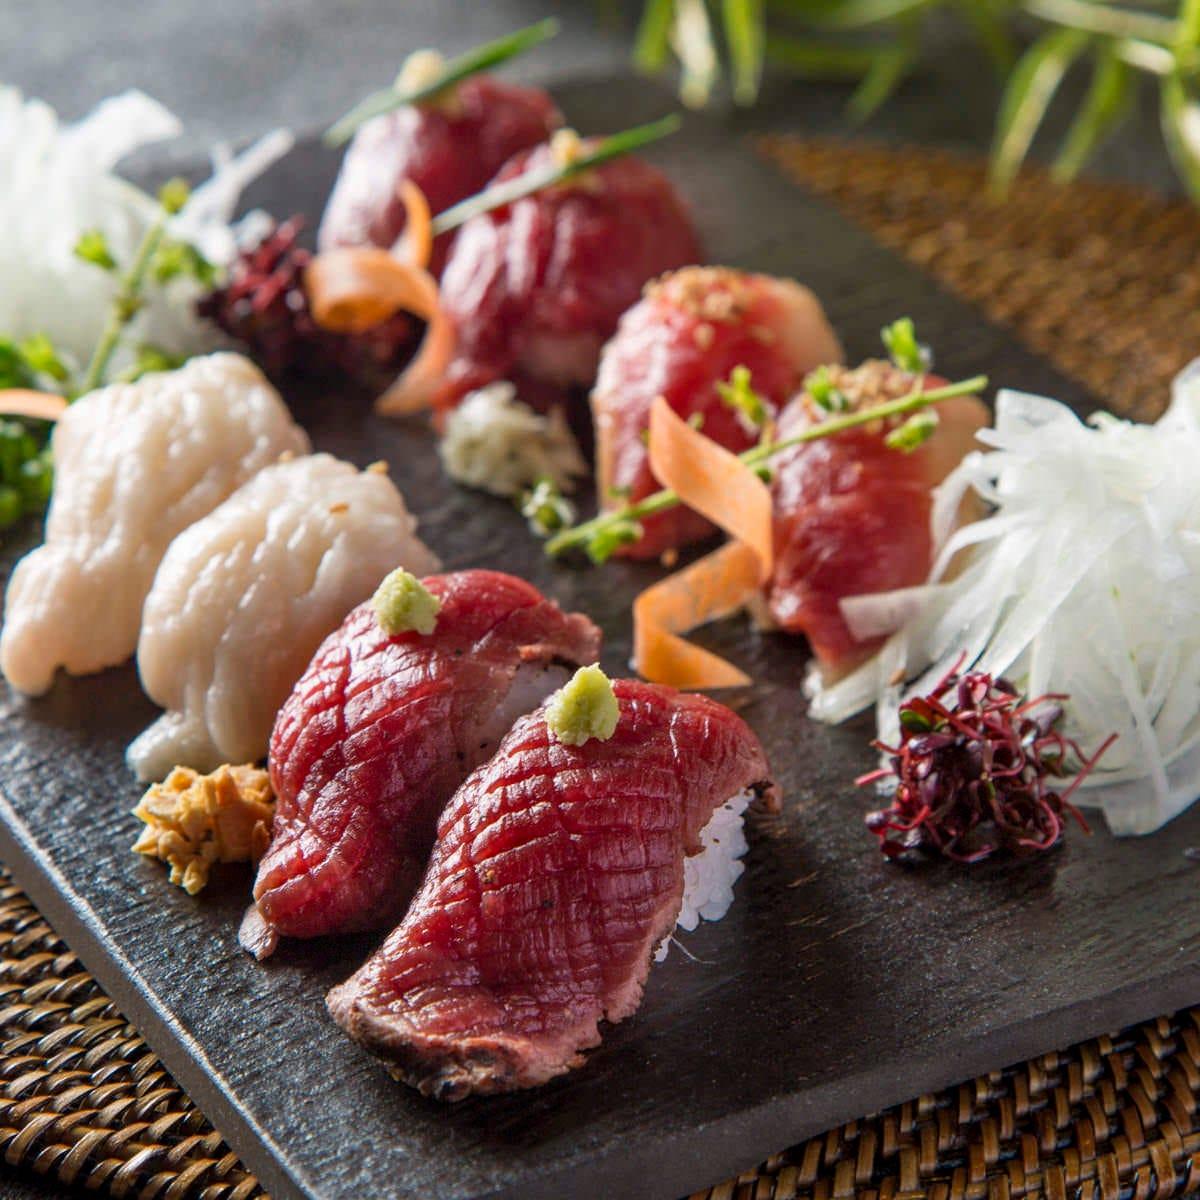 話題の炙り肉寿司が食べ放題